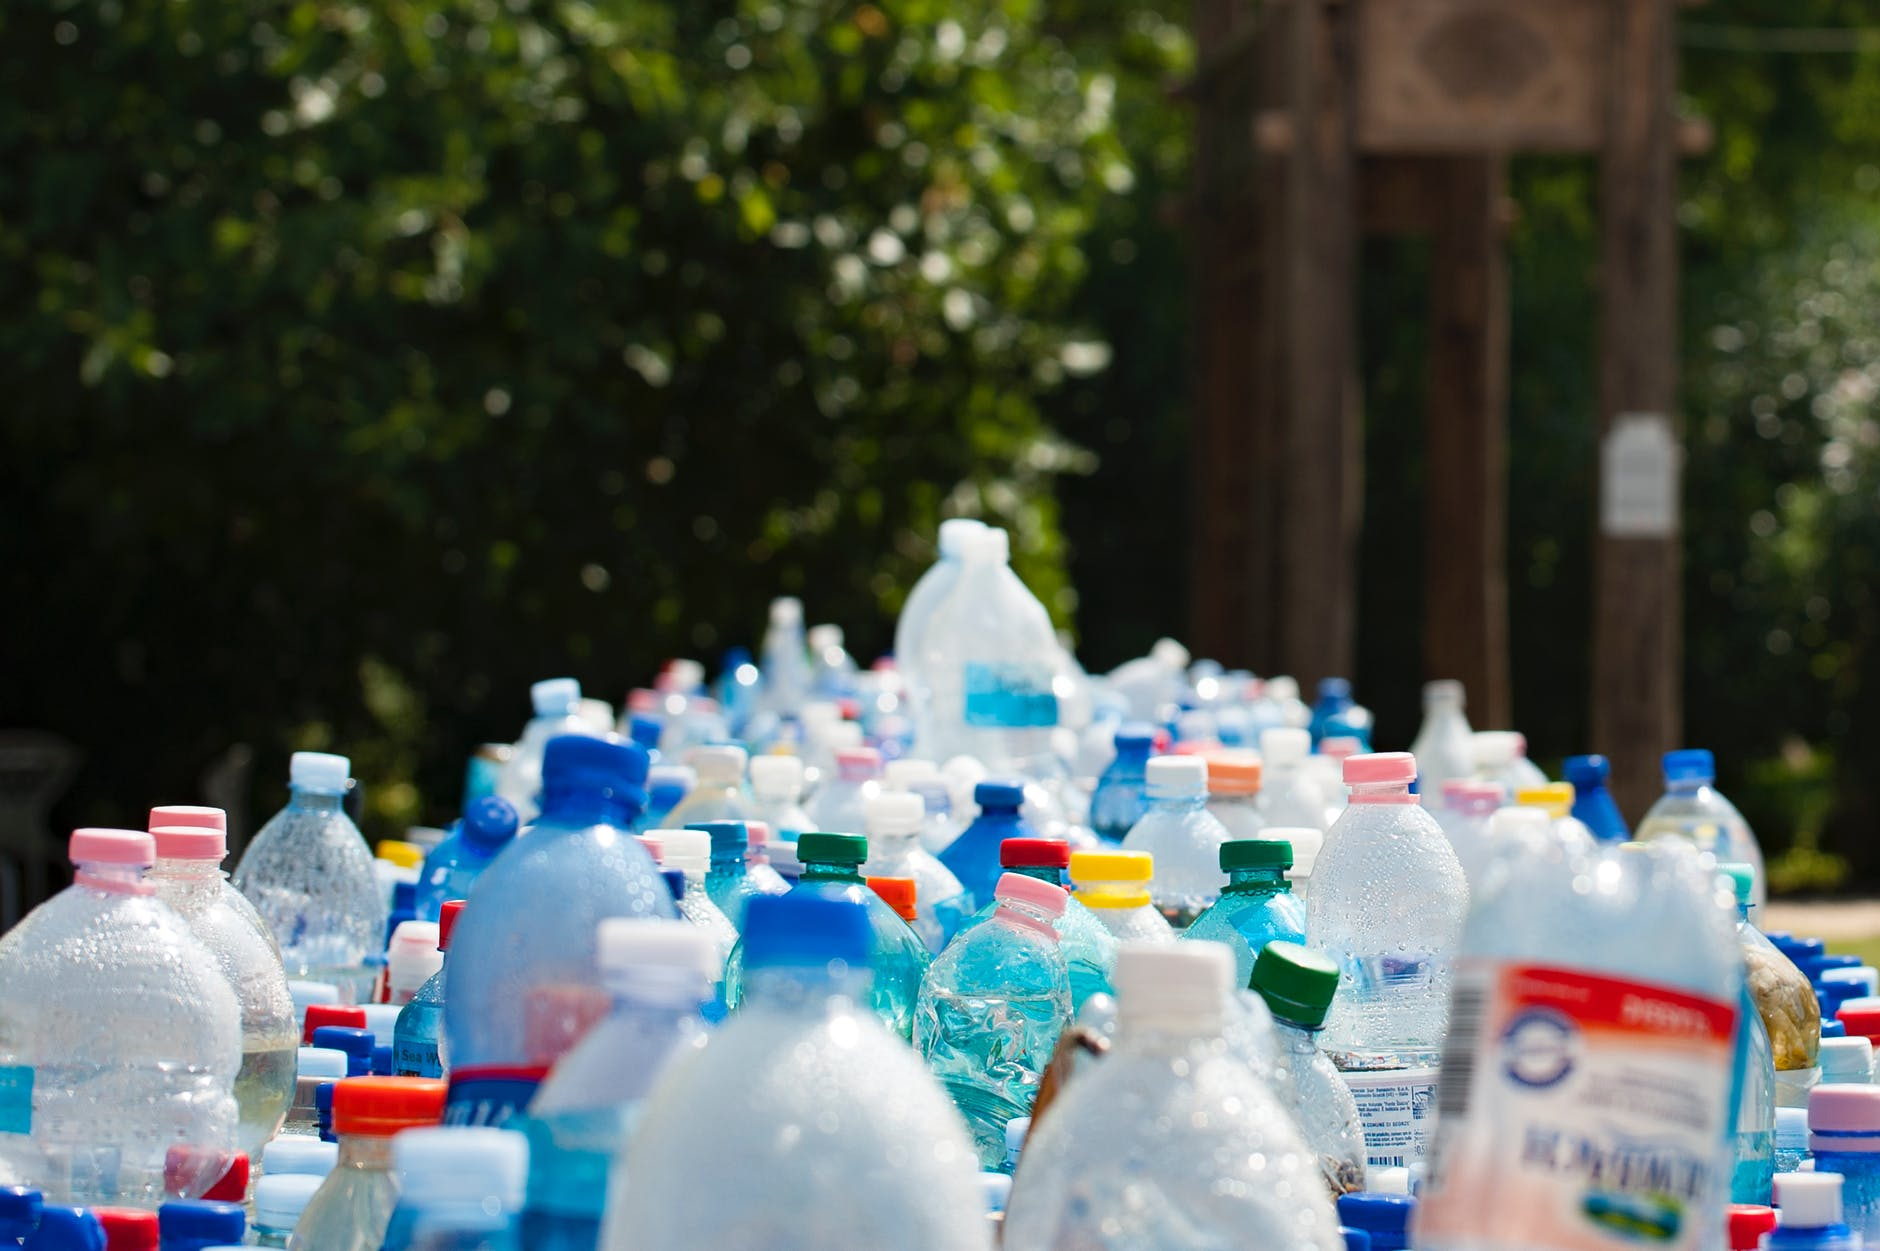 Испания намеревается возглавить борьбу с одноразовым пластиком